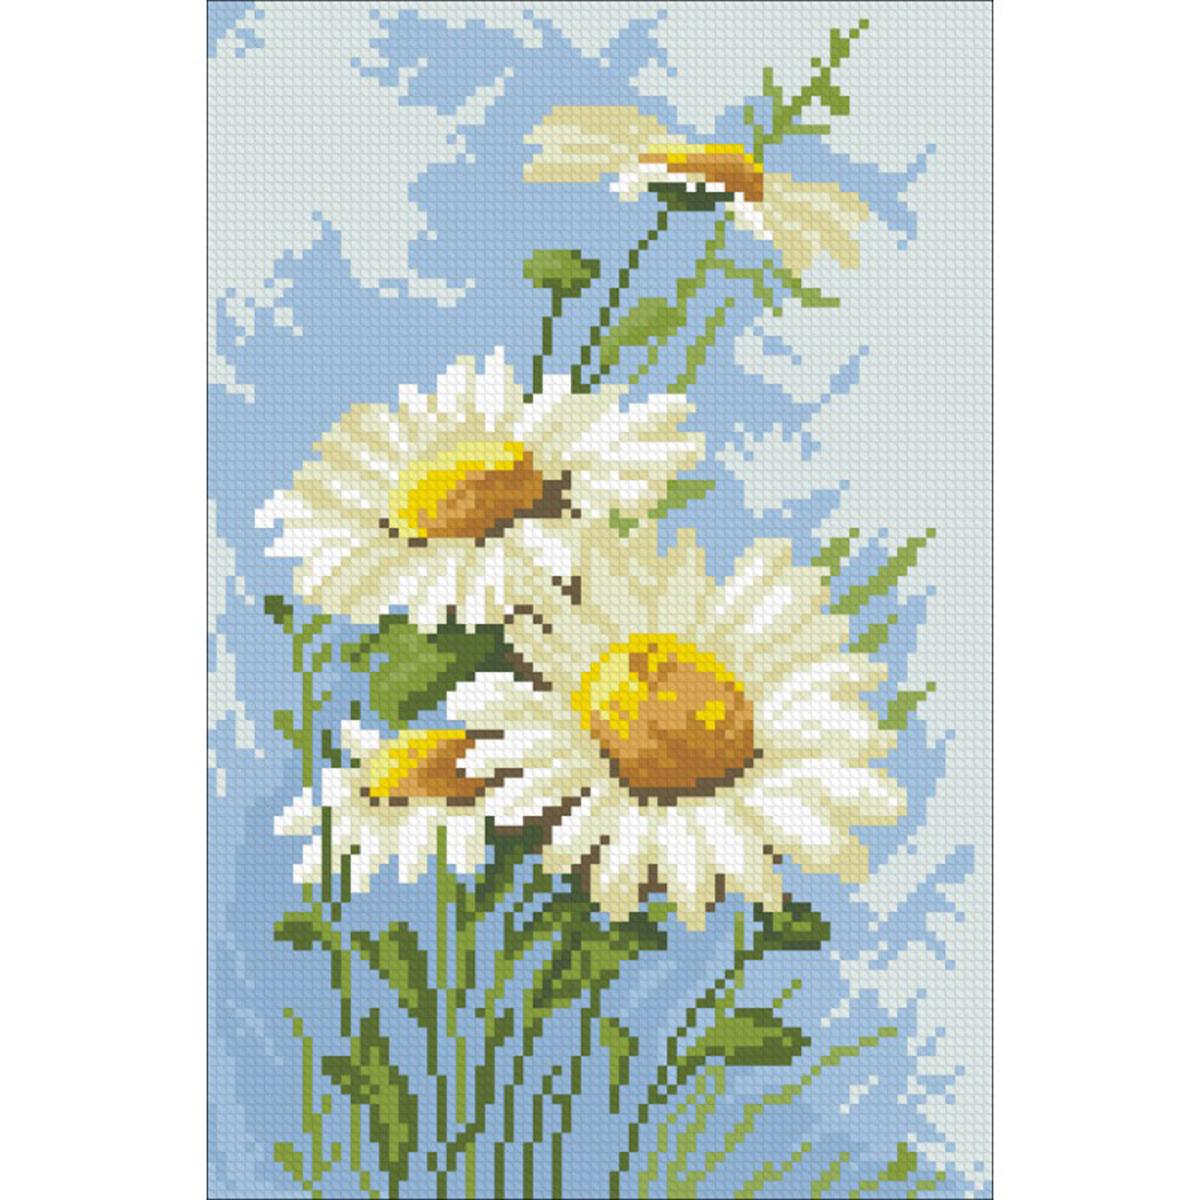 Набор для изготовления картины со стразами Паутинка Ромашки , 29 х 19 смМ-204/486723Состав набора: мозаика — 16 цветов, холст с нанесенным рисунком и клеевым слоем, пинцет, подробная инструкция.